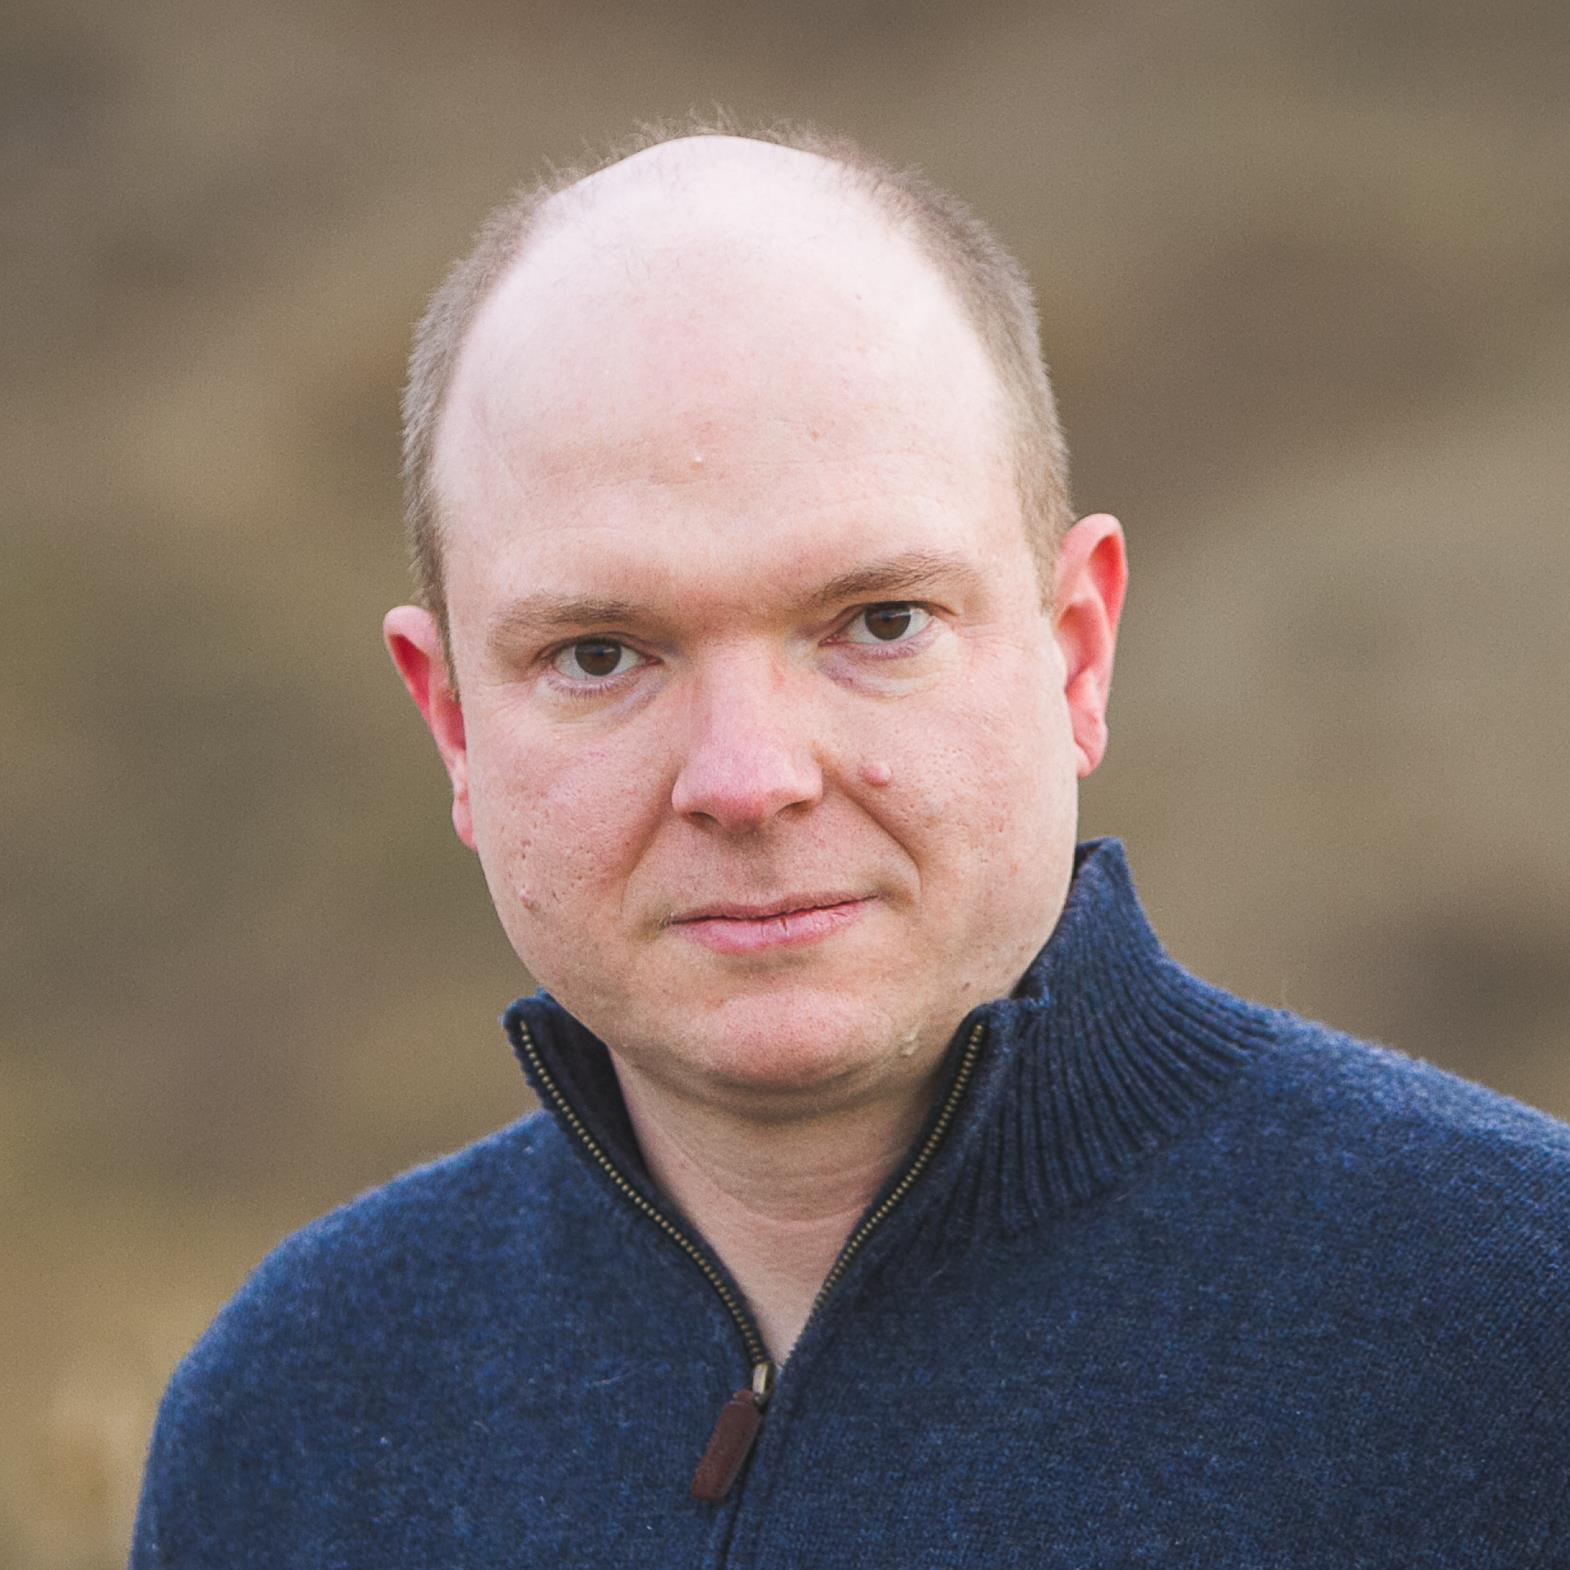 Torsten Volk Portrait.jpg